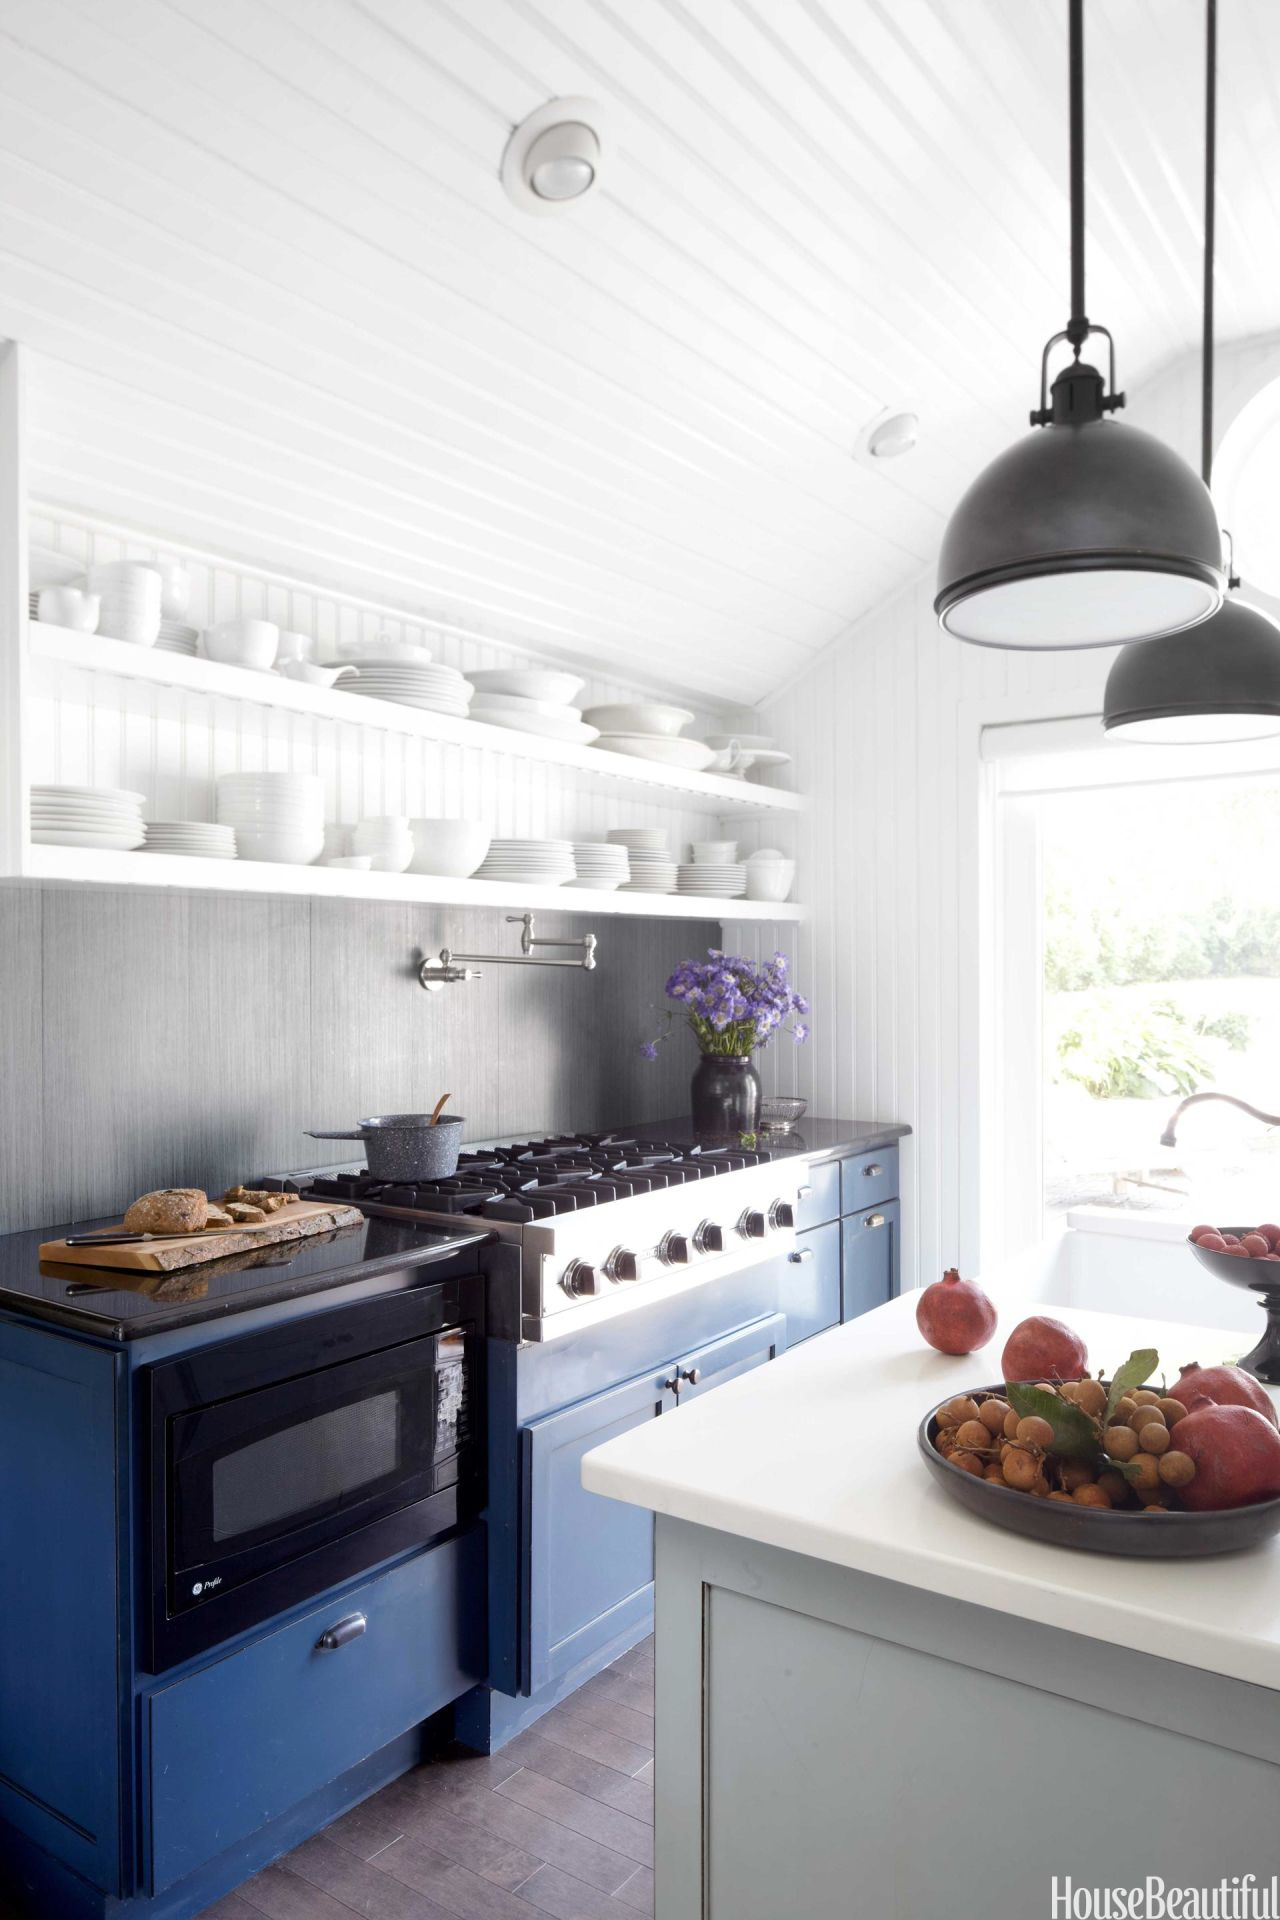 Blue and White Kitchen Decor - Farmhouse Kitchen Design Ideas